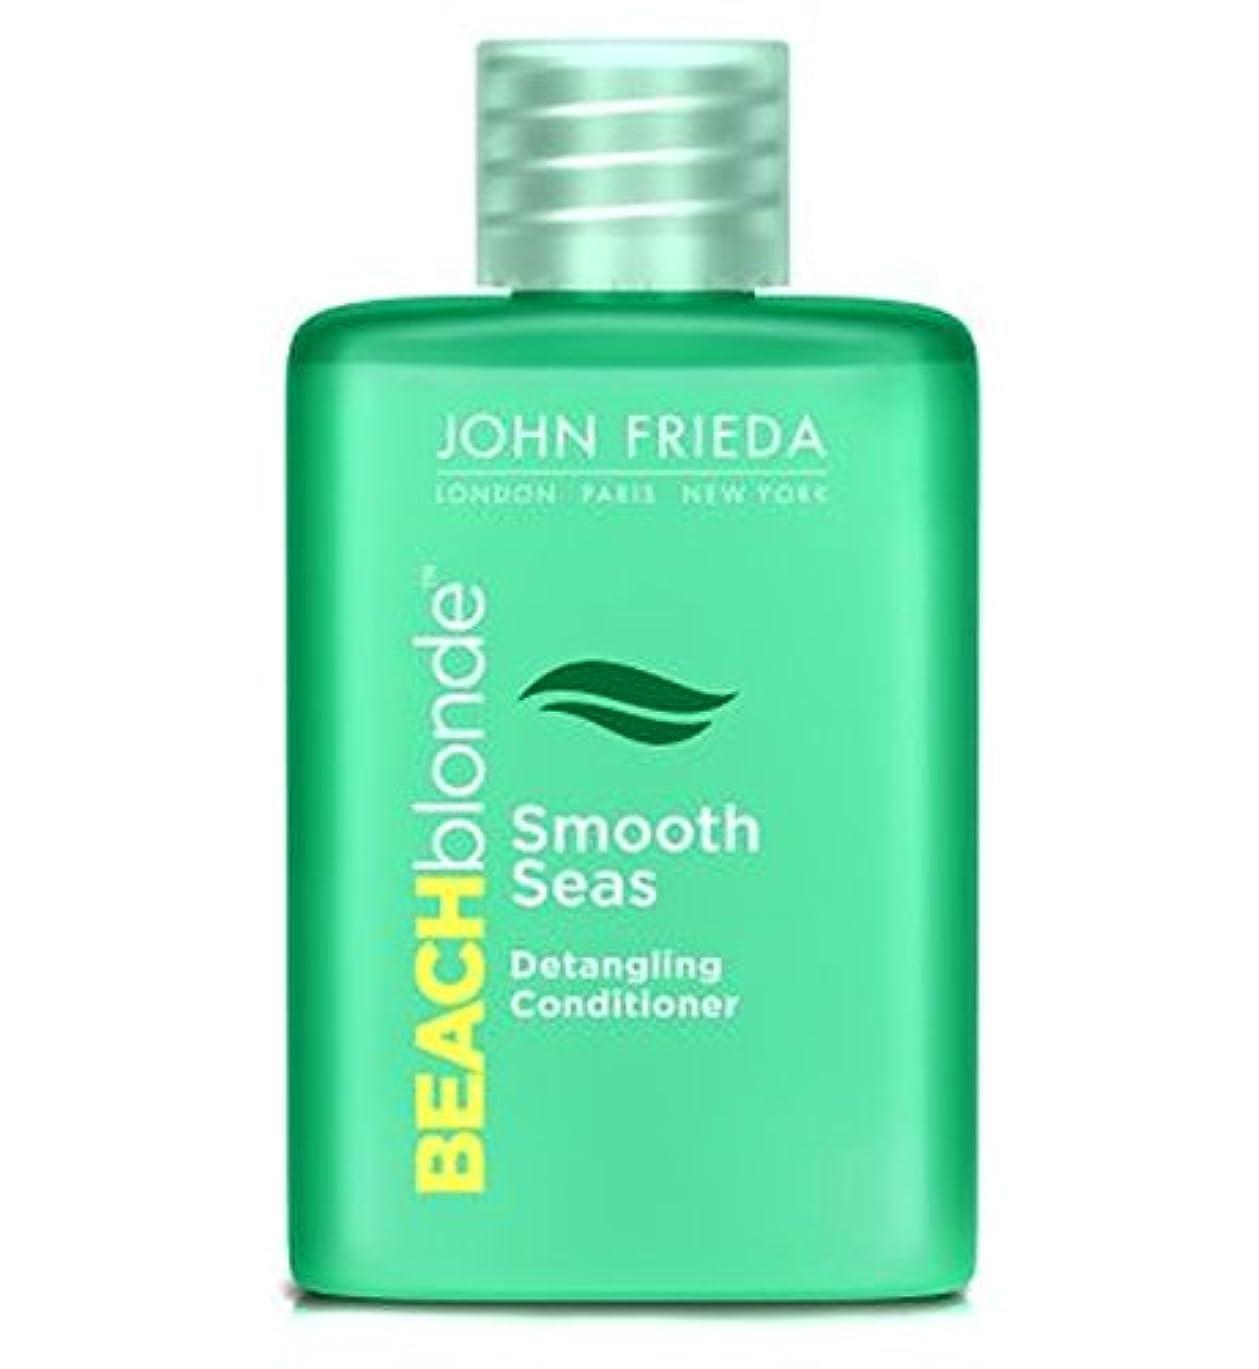 リストわずかに主張コンディショナー50ミリリットルをもつれ解除ジョンFrieda?ビーチブロンド滑らかな海 (John Frieda) (x2) - John Frieda? Beach Blonde Smooth Seas Detangling...